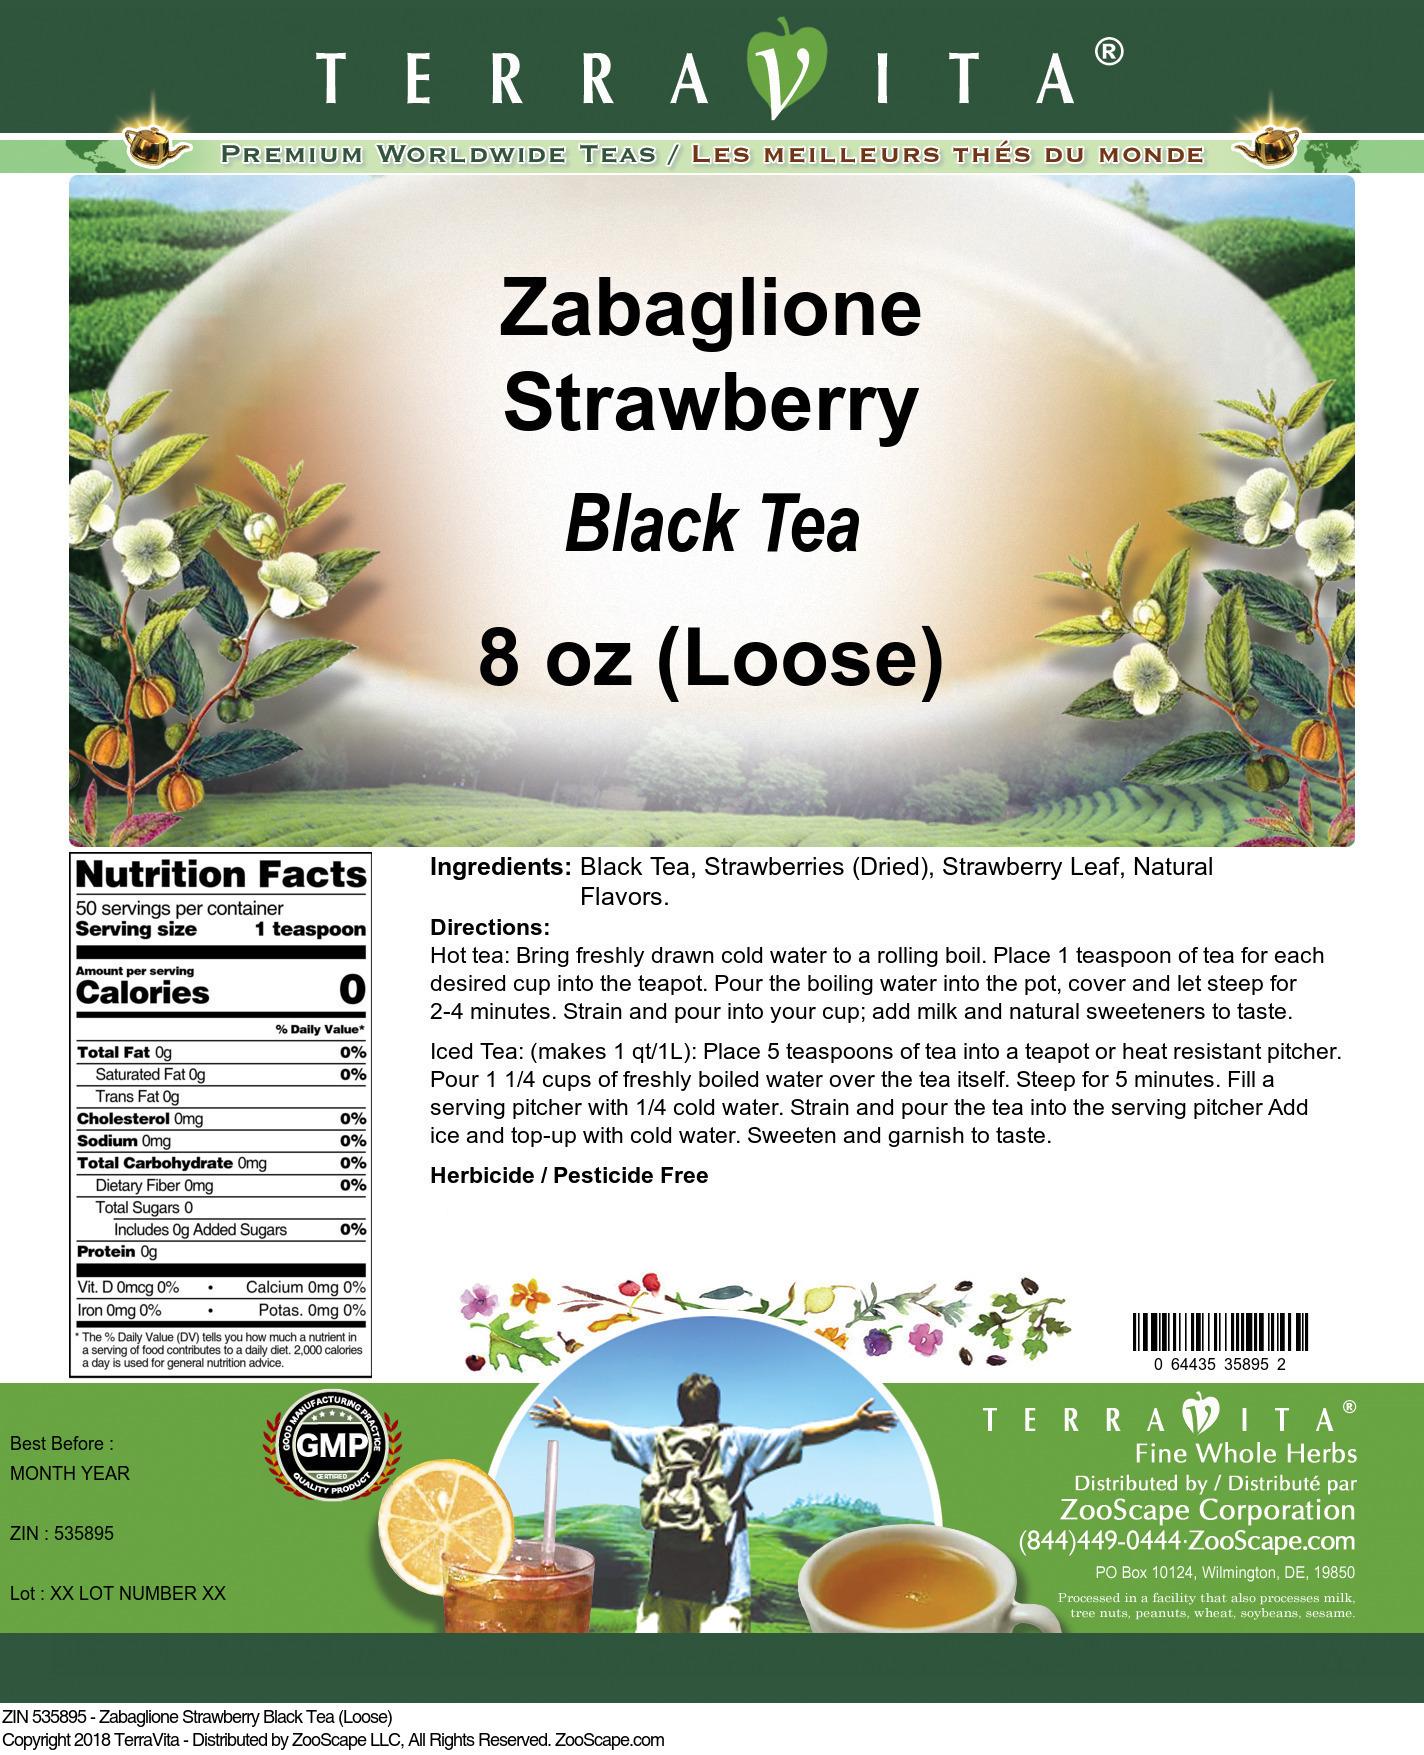 Zabaglione Strawberry Black Tea